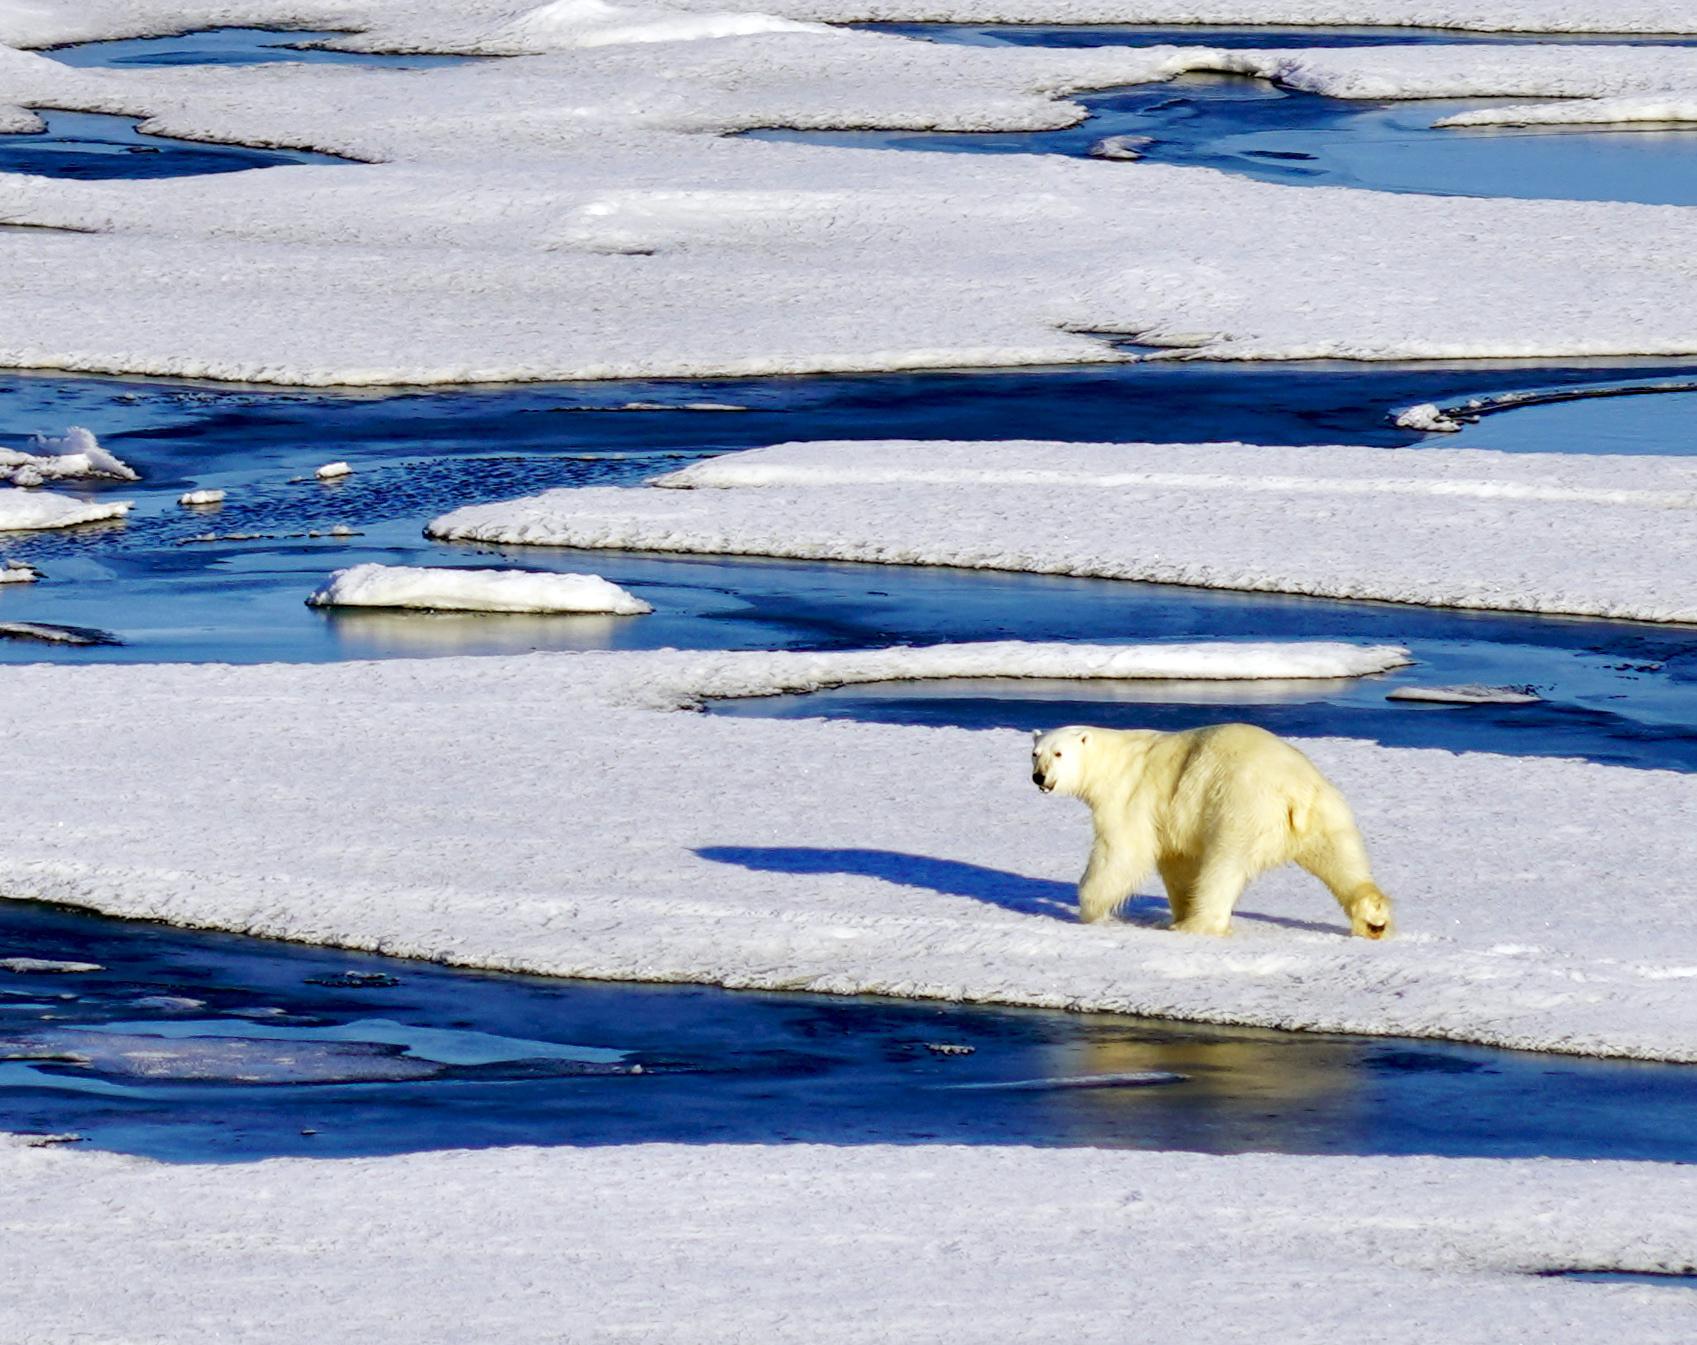 Chukchi Sea polar bear Arctic_early August 2018_A Khan NSIDC